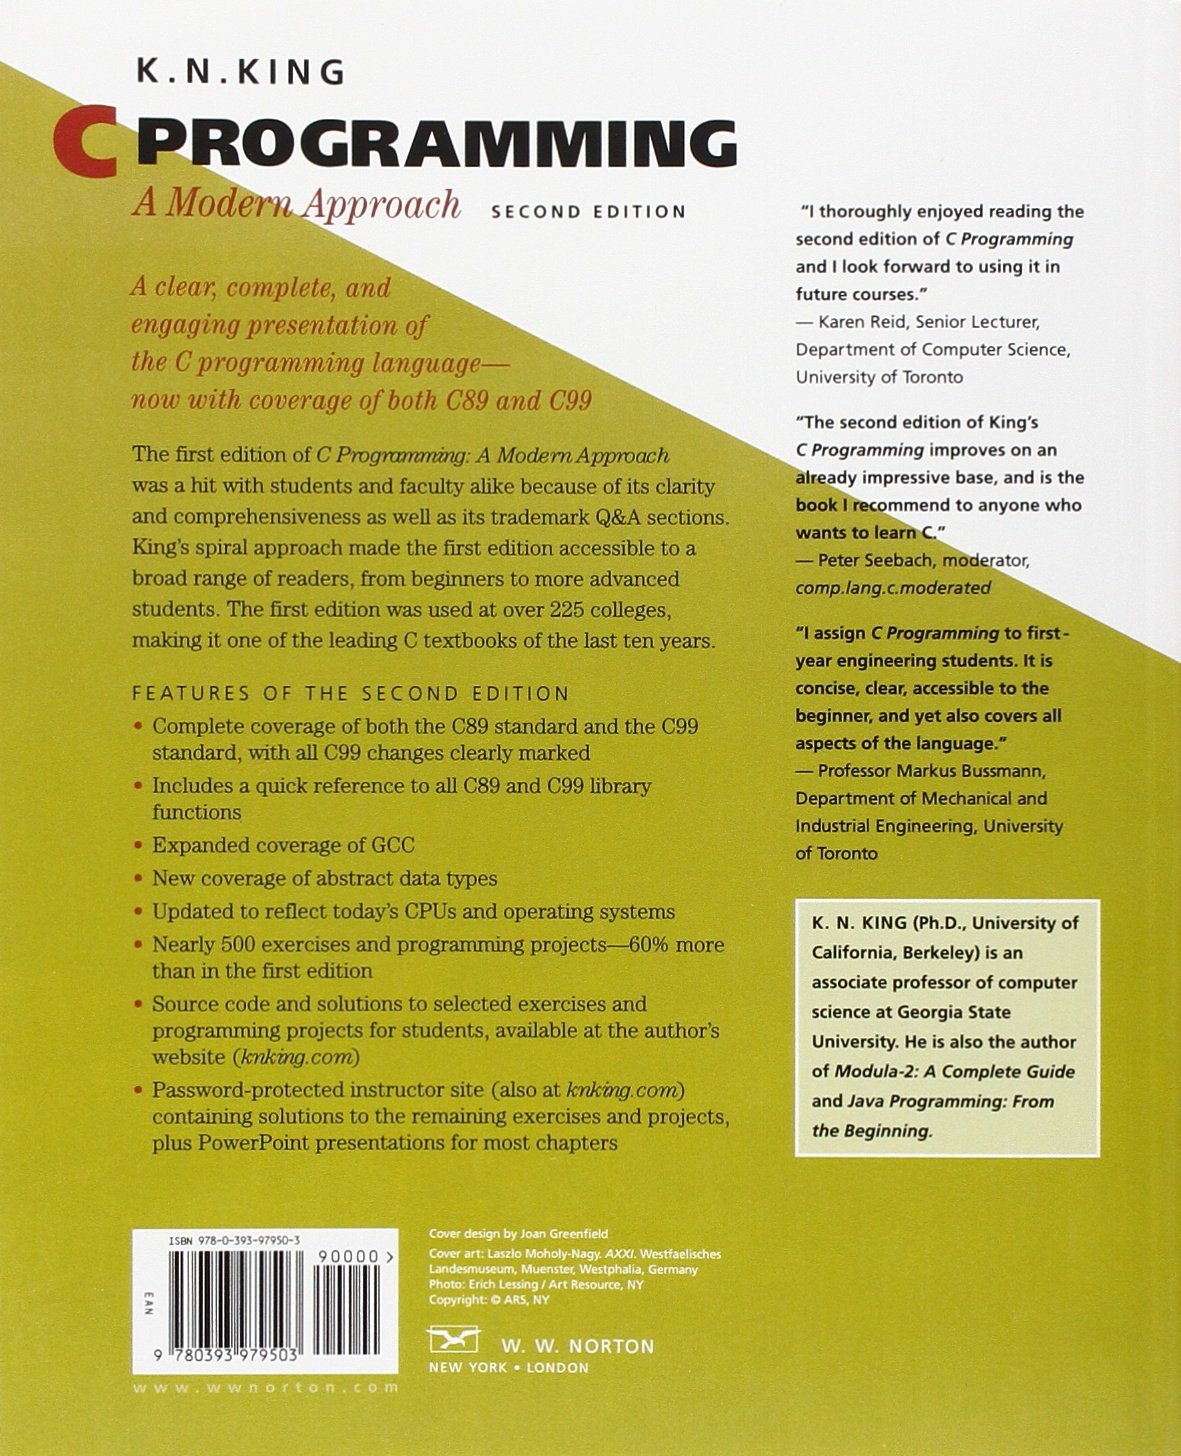 C Programming: A Modern Approach: Amazon.de: K. N. King: Fremdsprachige  Bücher